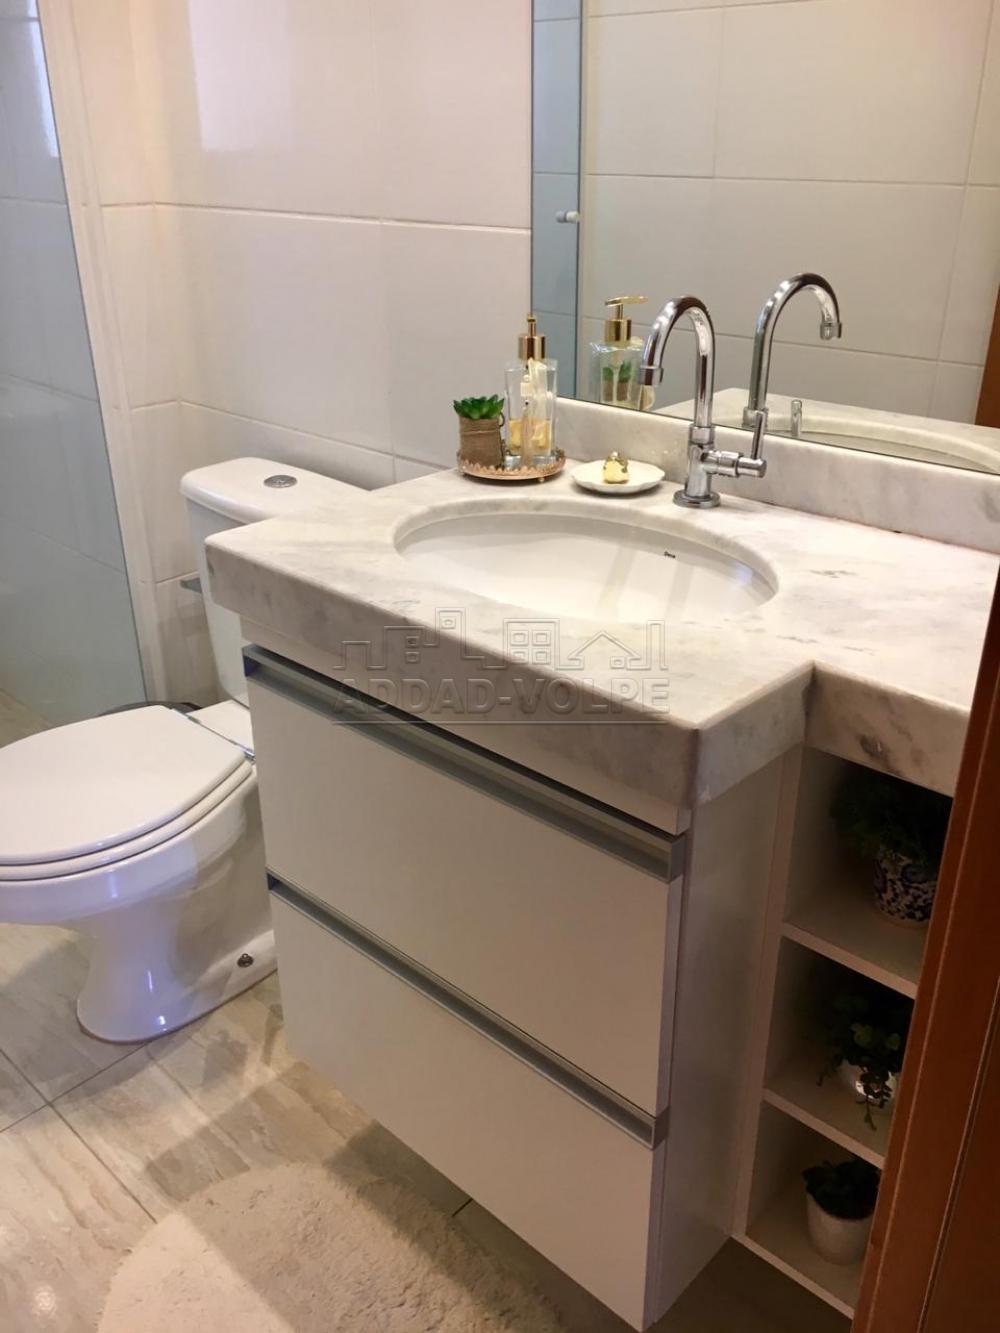 Alugar Apartamento / Padrão em Bauru apenas R$ 1.600,00 - Foto 7